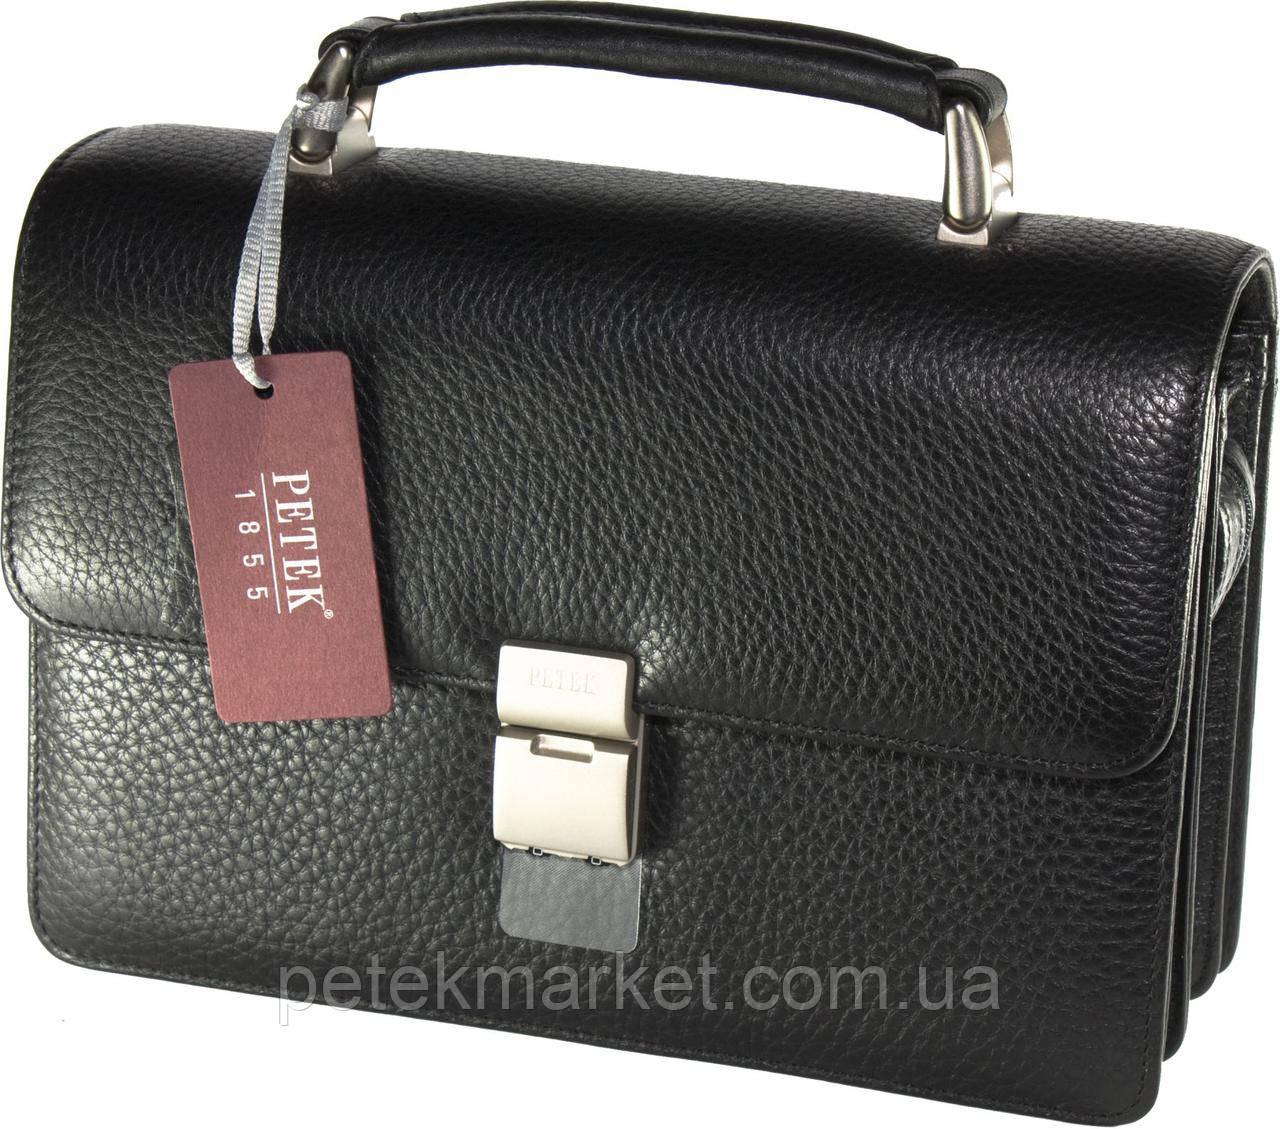 Барсетка PETEK 759 Черный (759-46B-01)